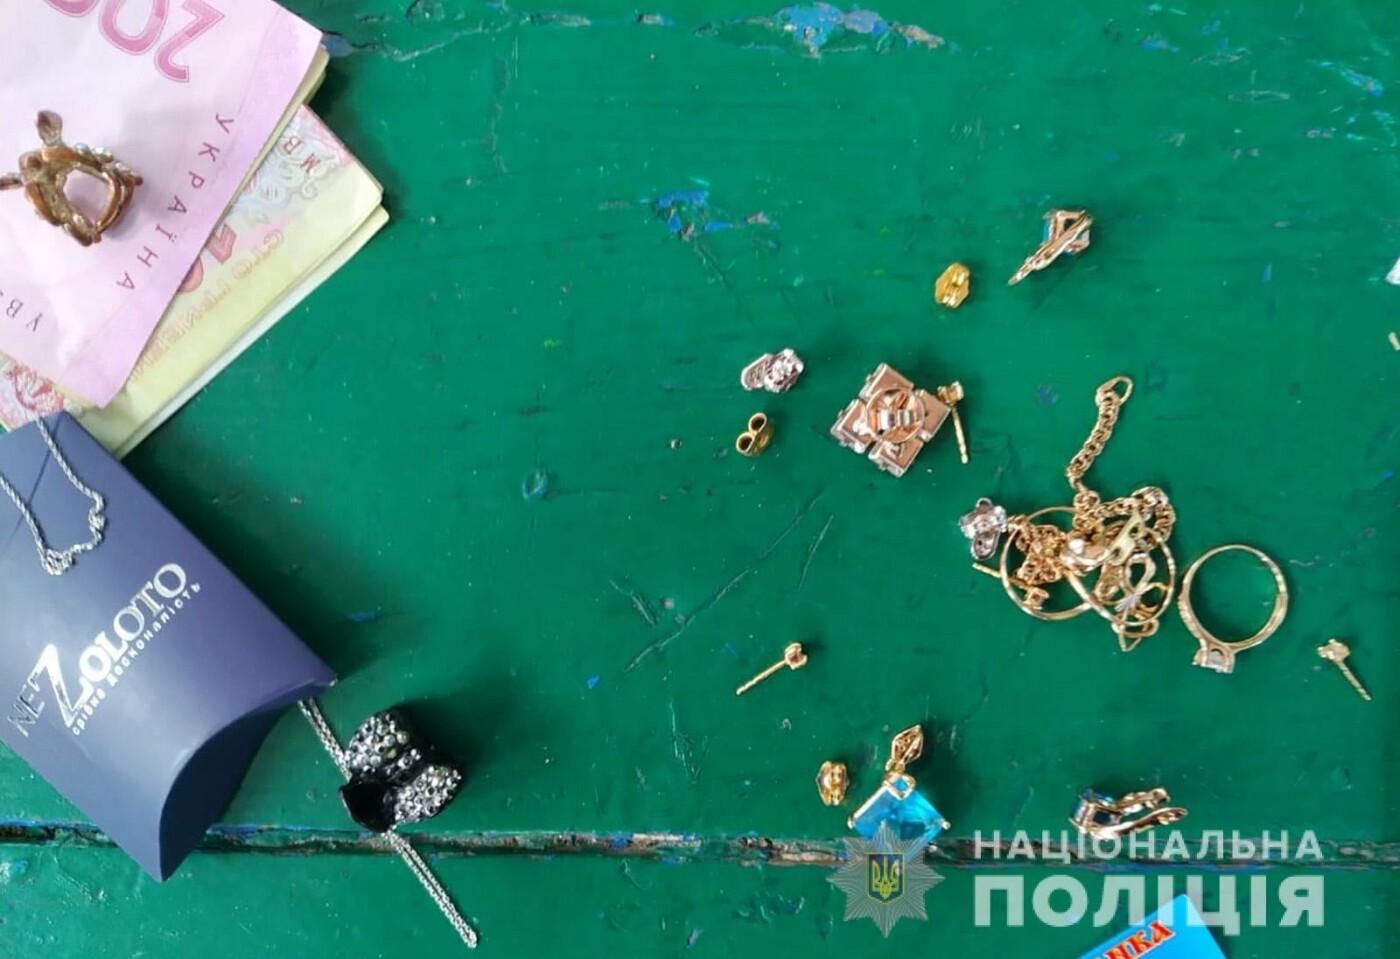 В Мелитополе задержали квартирных воров с похищенными вещами, - ФОТО, фото-4